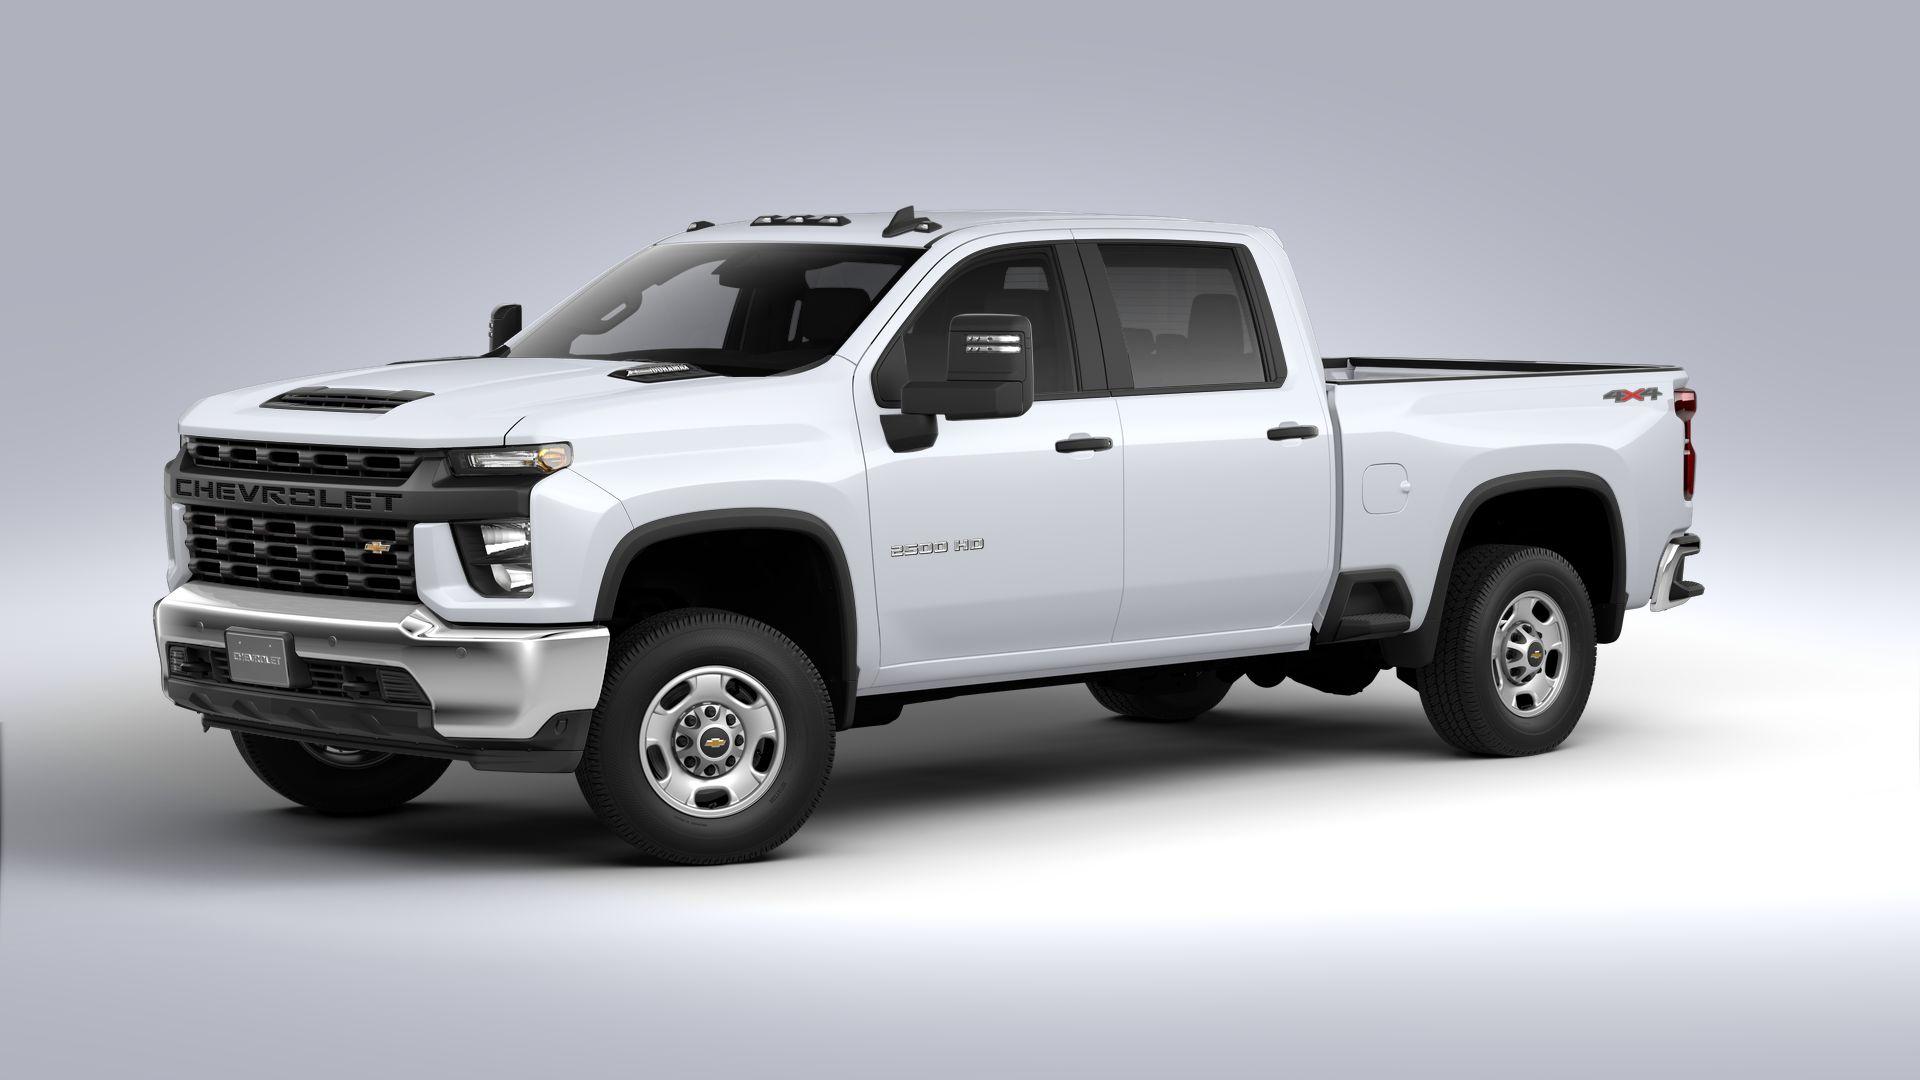 2021 Chevrolet Silverado 2500 HD WT